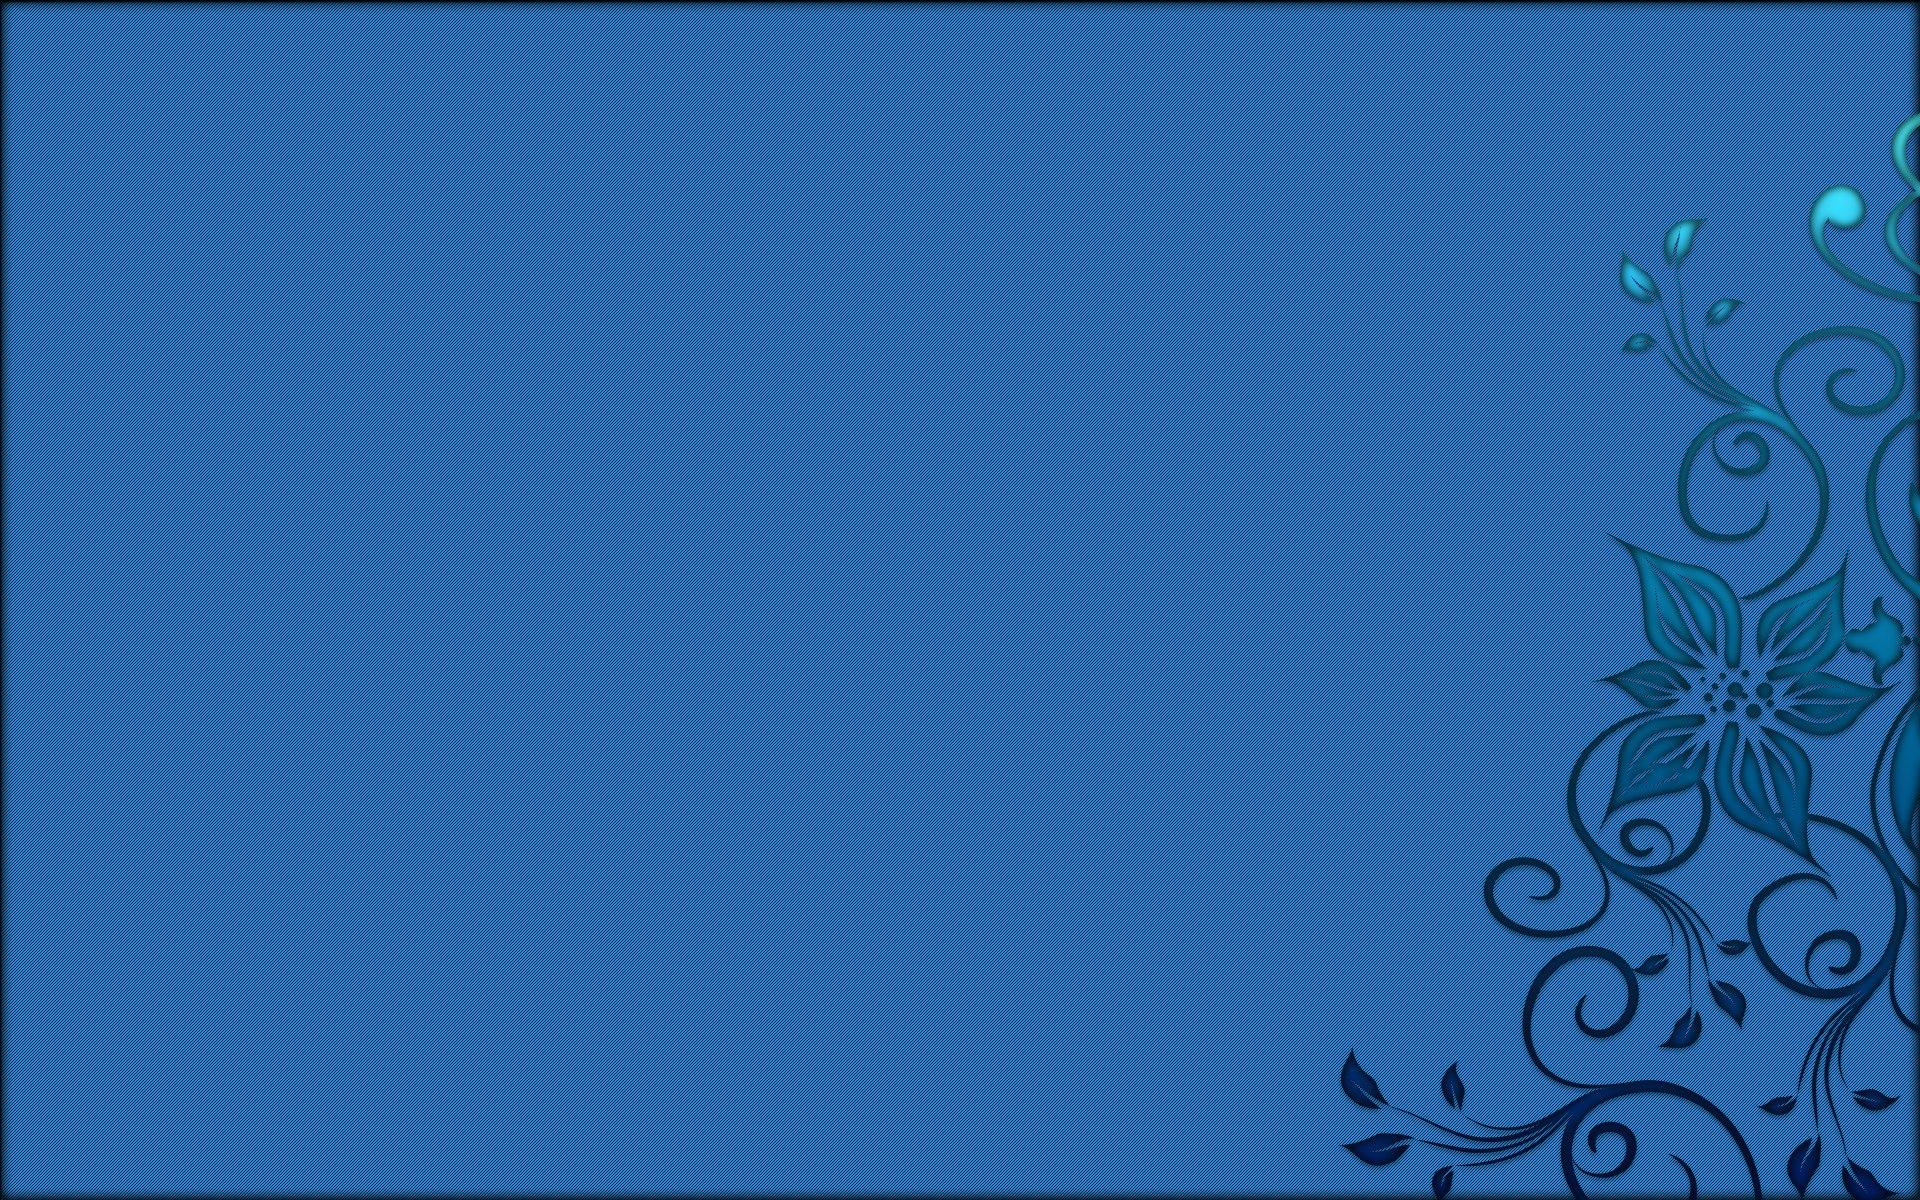 синий фон для открытки обозначанется погоном